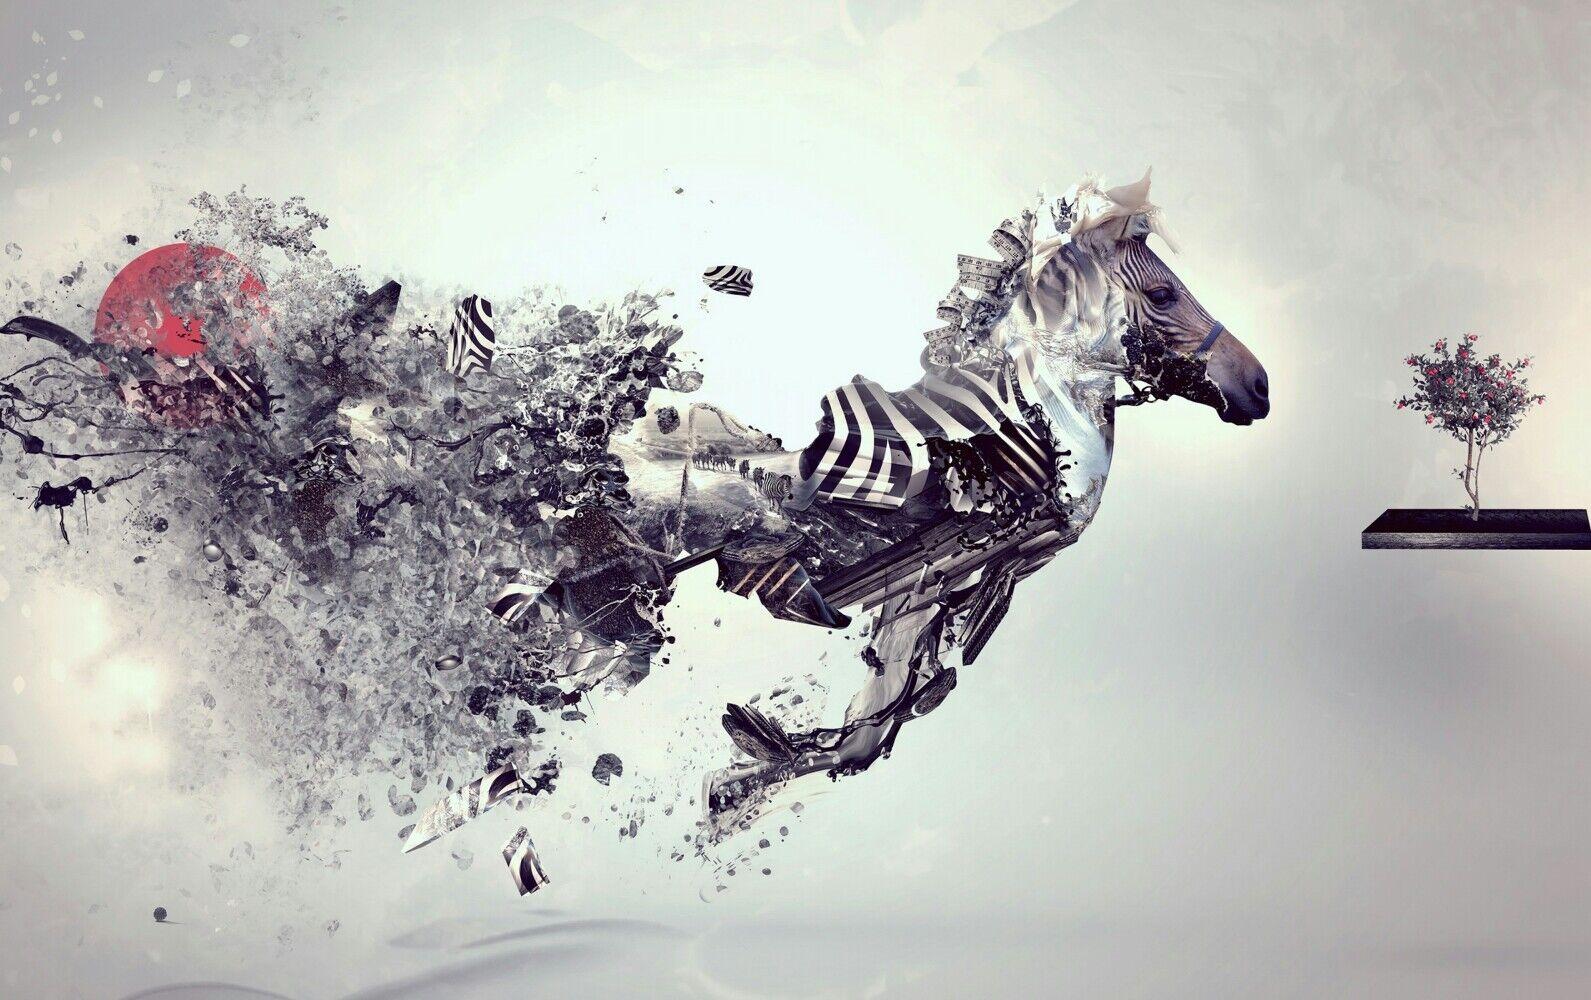 Zebra astratto-albero di di di vernice allevamento moderno Grande Muro Poster & STAMPA FOTO SU TELA 38cba2